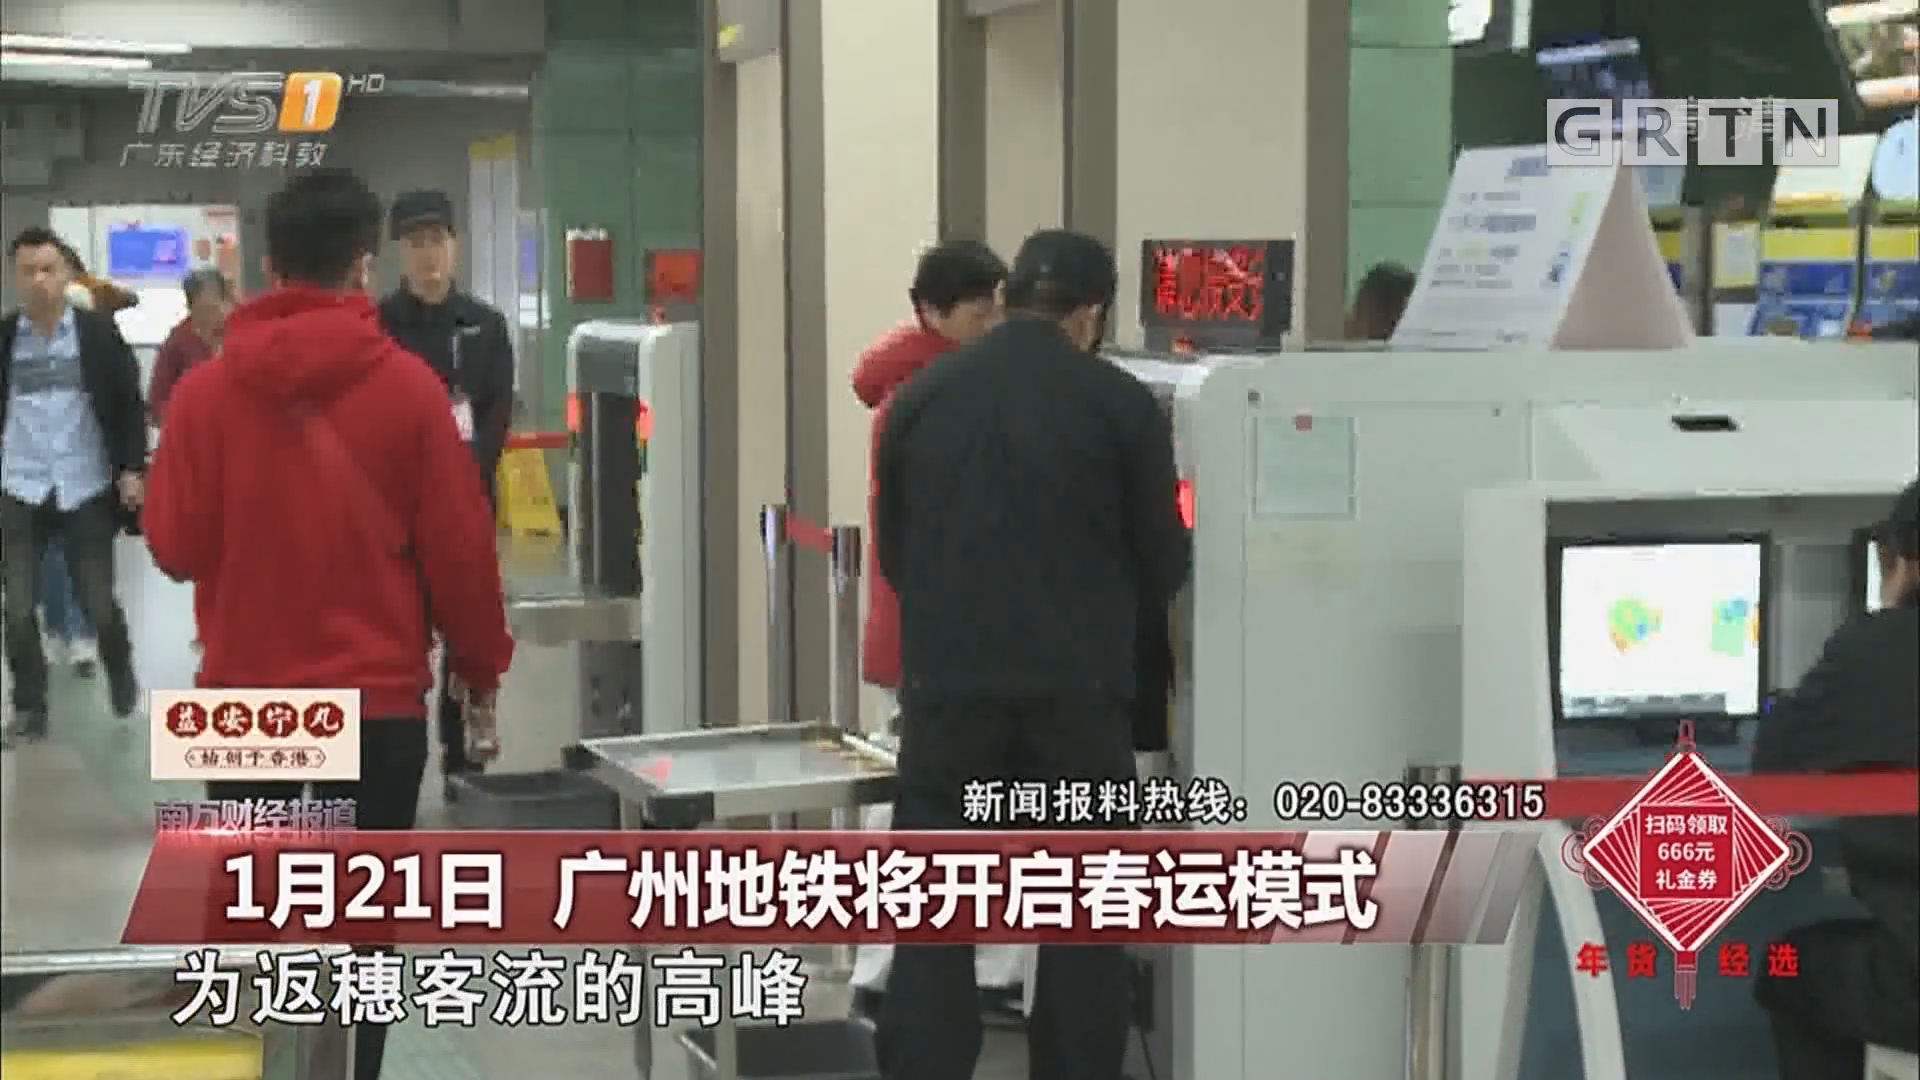 1月21日 广州地铁将开启春运模式